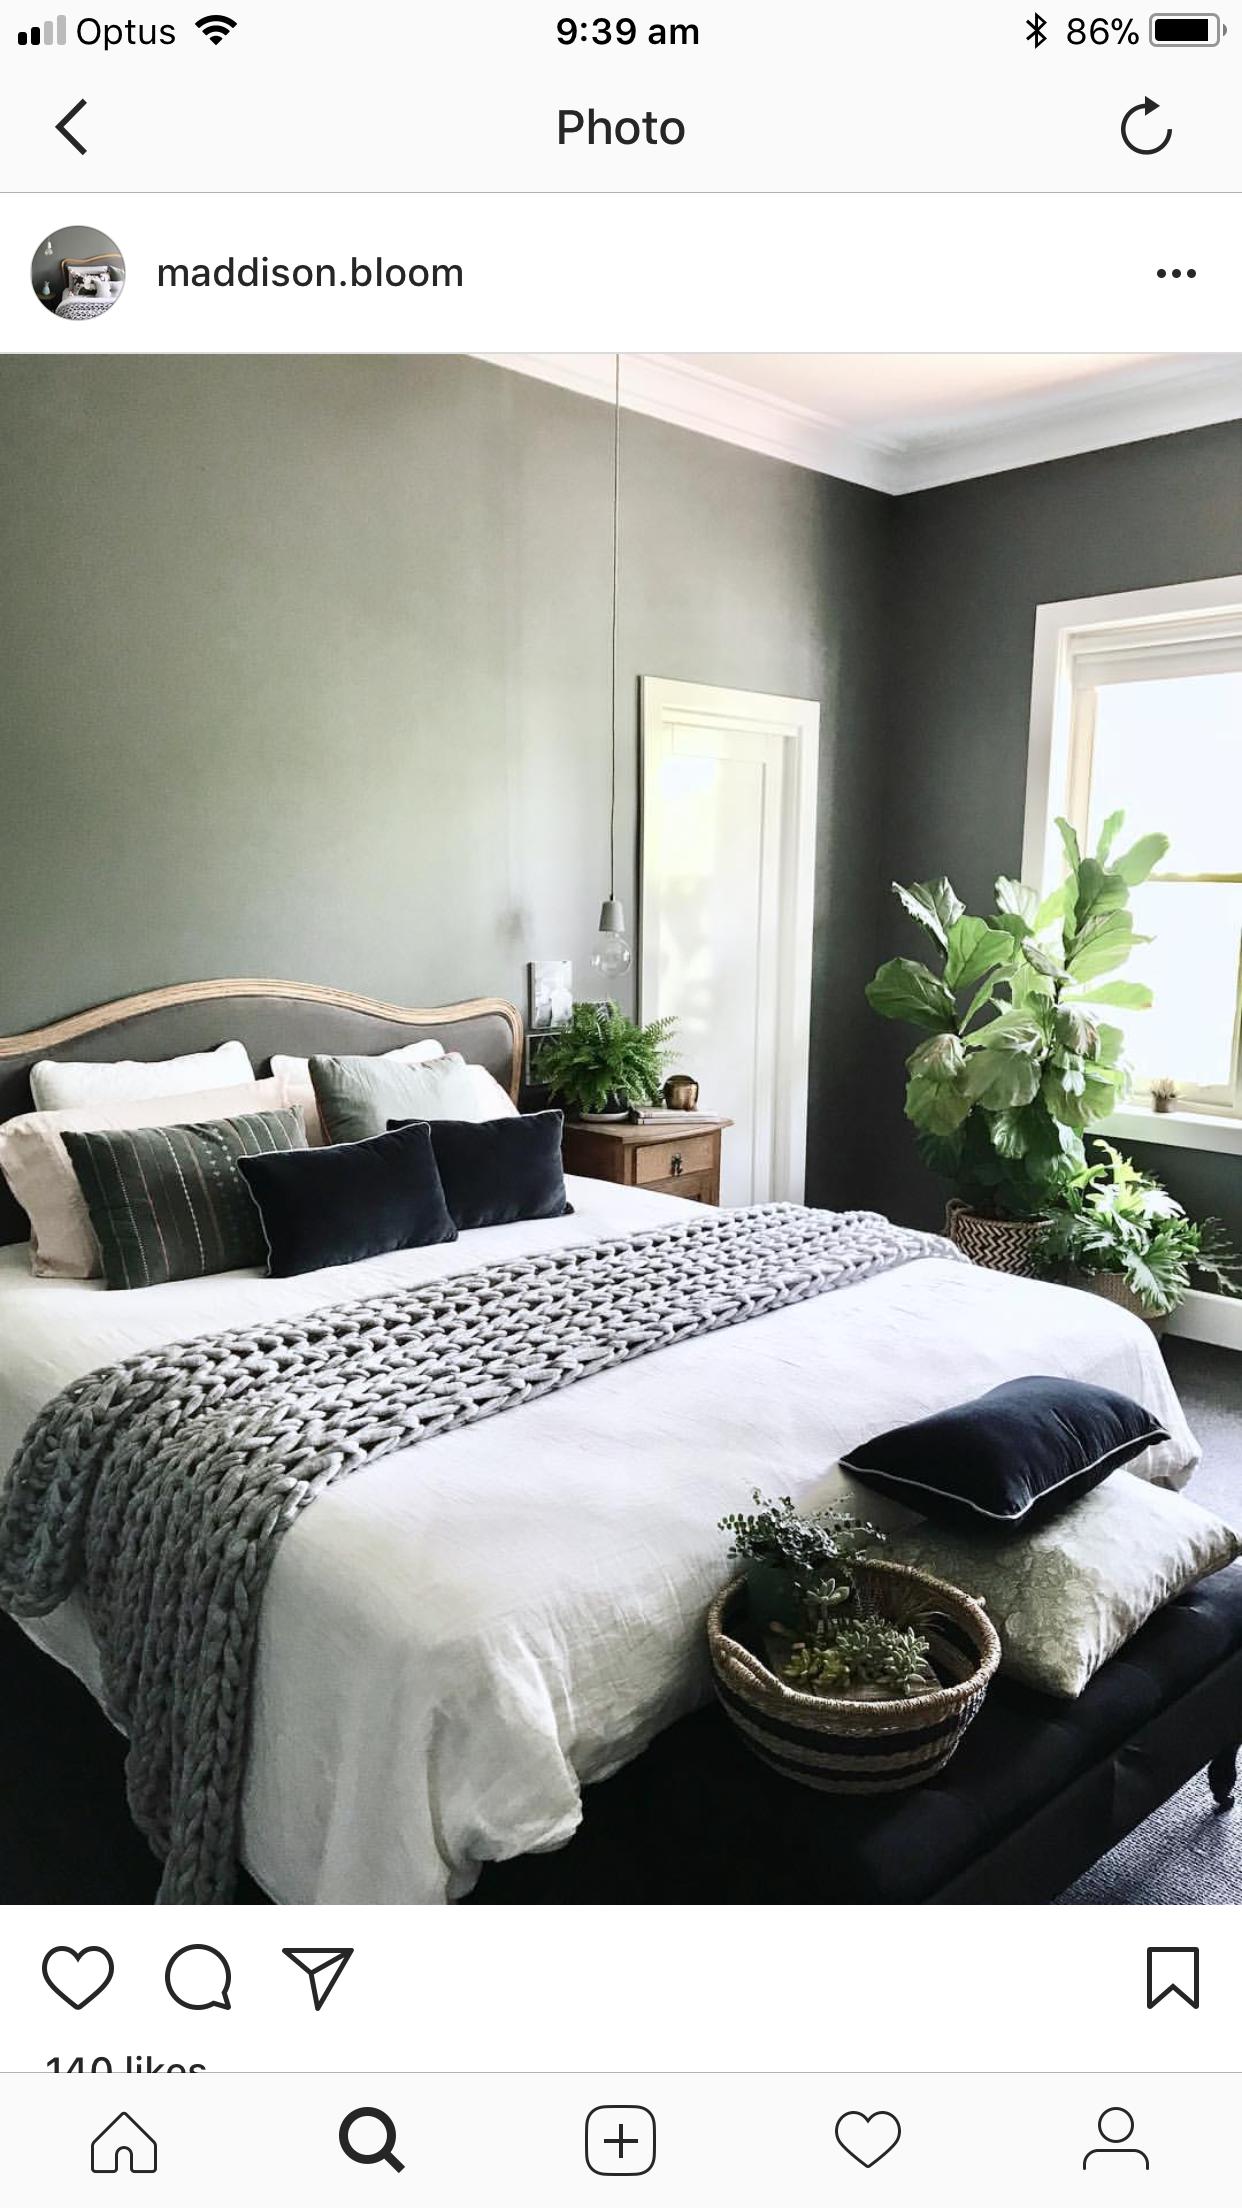 Pin by Abha Ghai on Home Decor Home decor, Bedroom